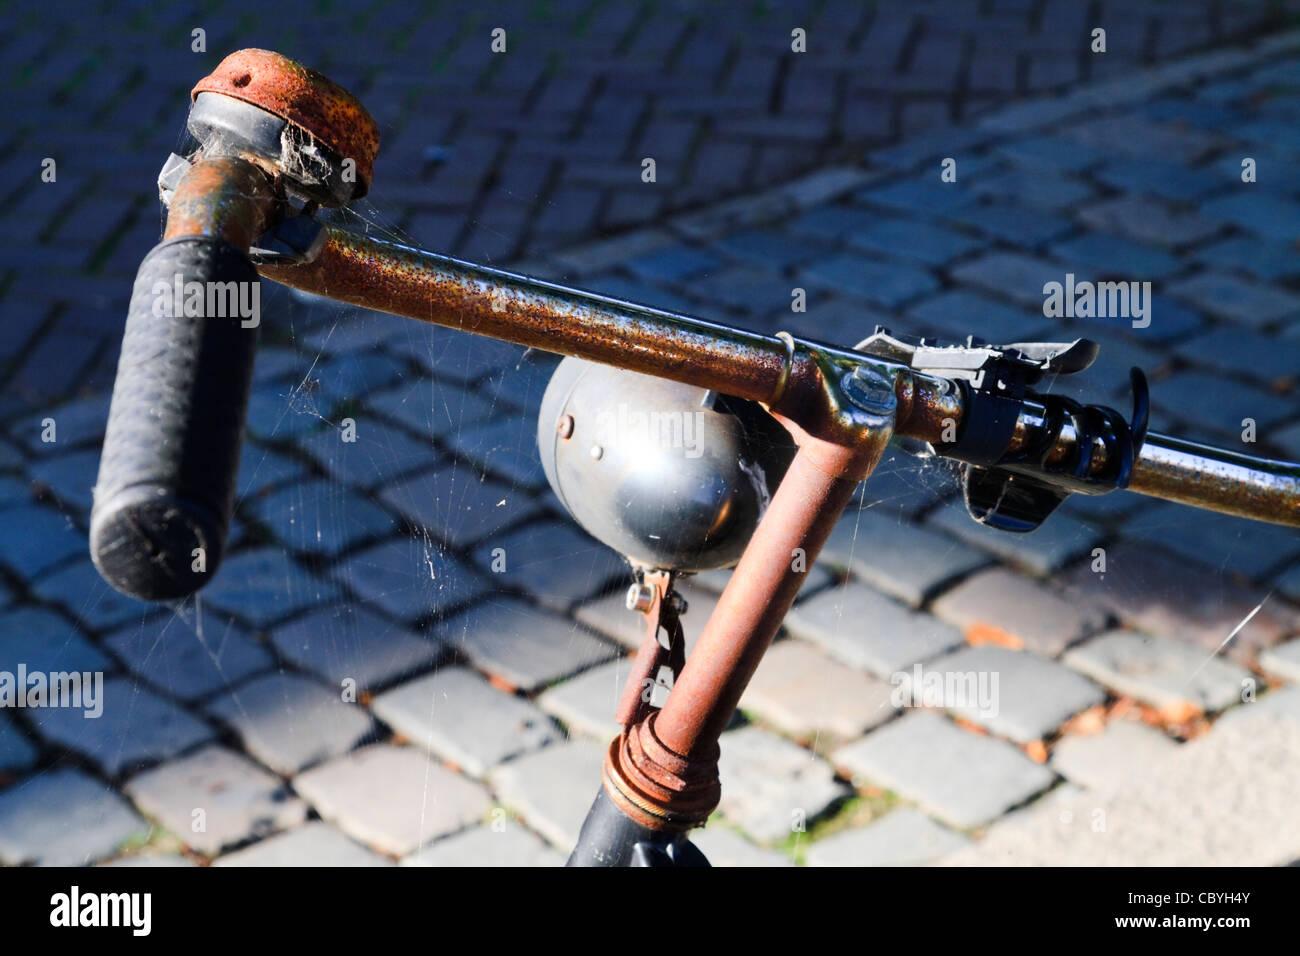 Una vieja oxidada bicicleta de dumping en una calle adoquinada Foto de stock